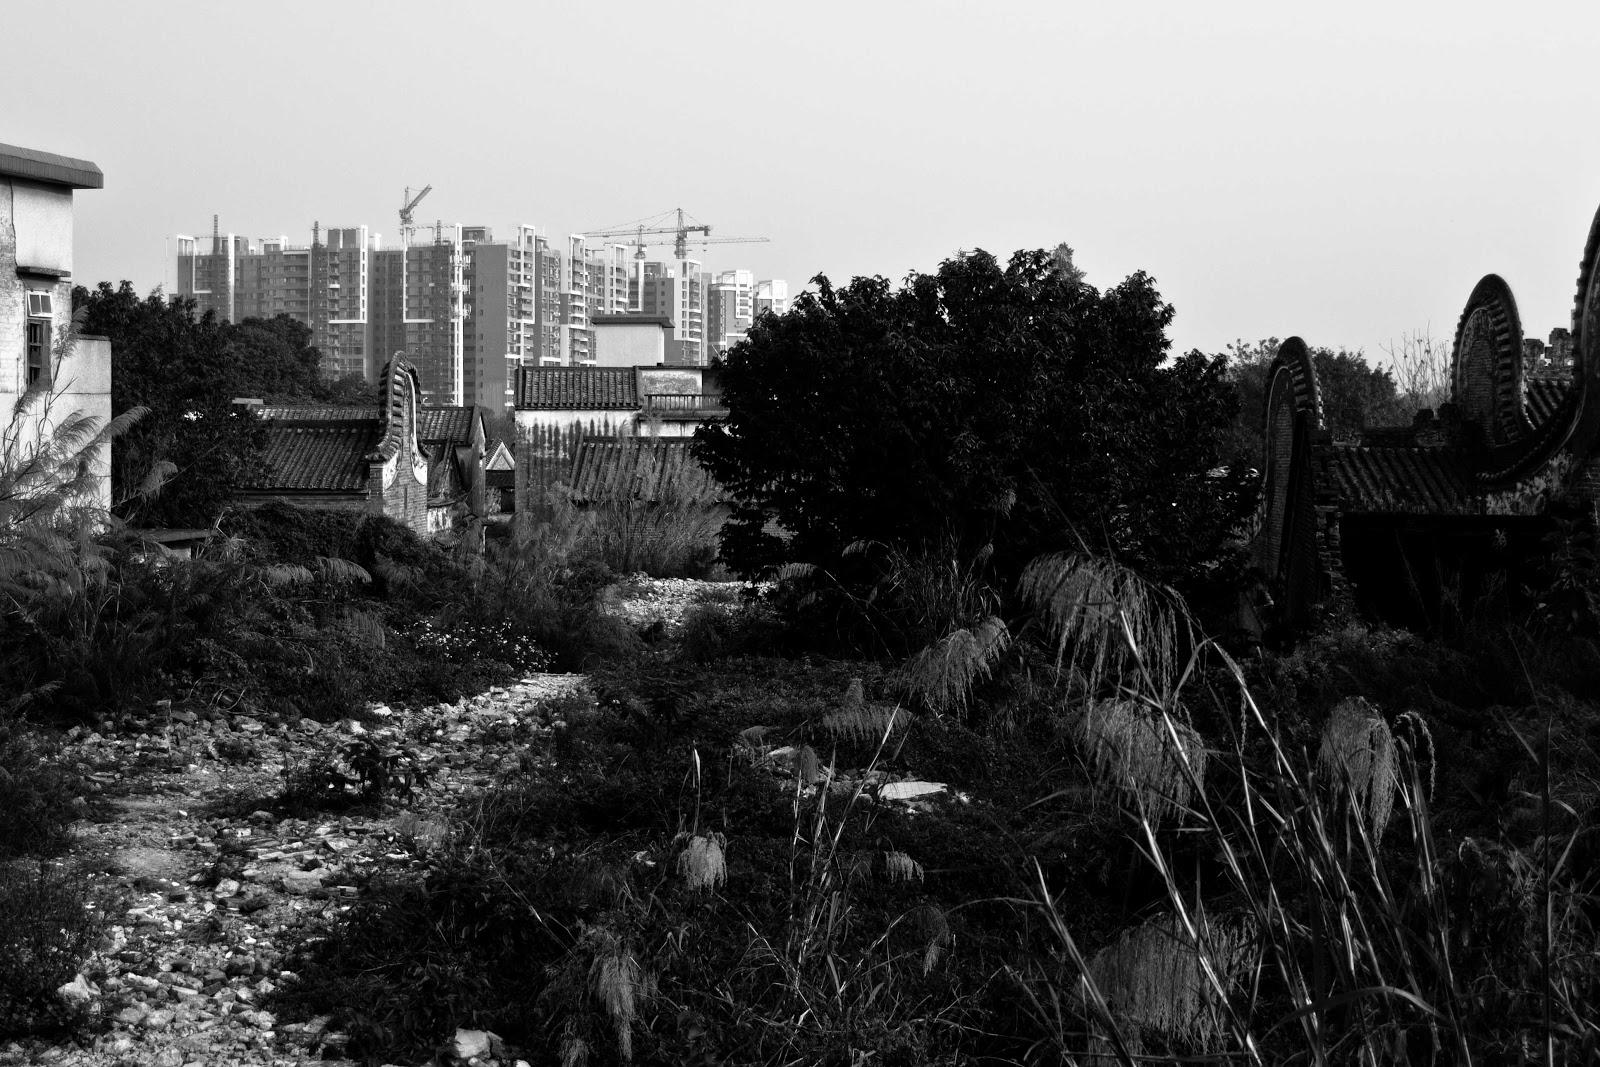 Villaggio abbandonato nei pressi di Guangzhou